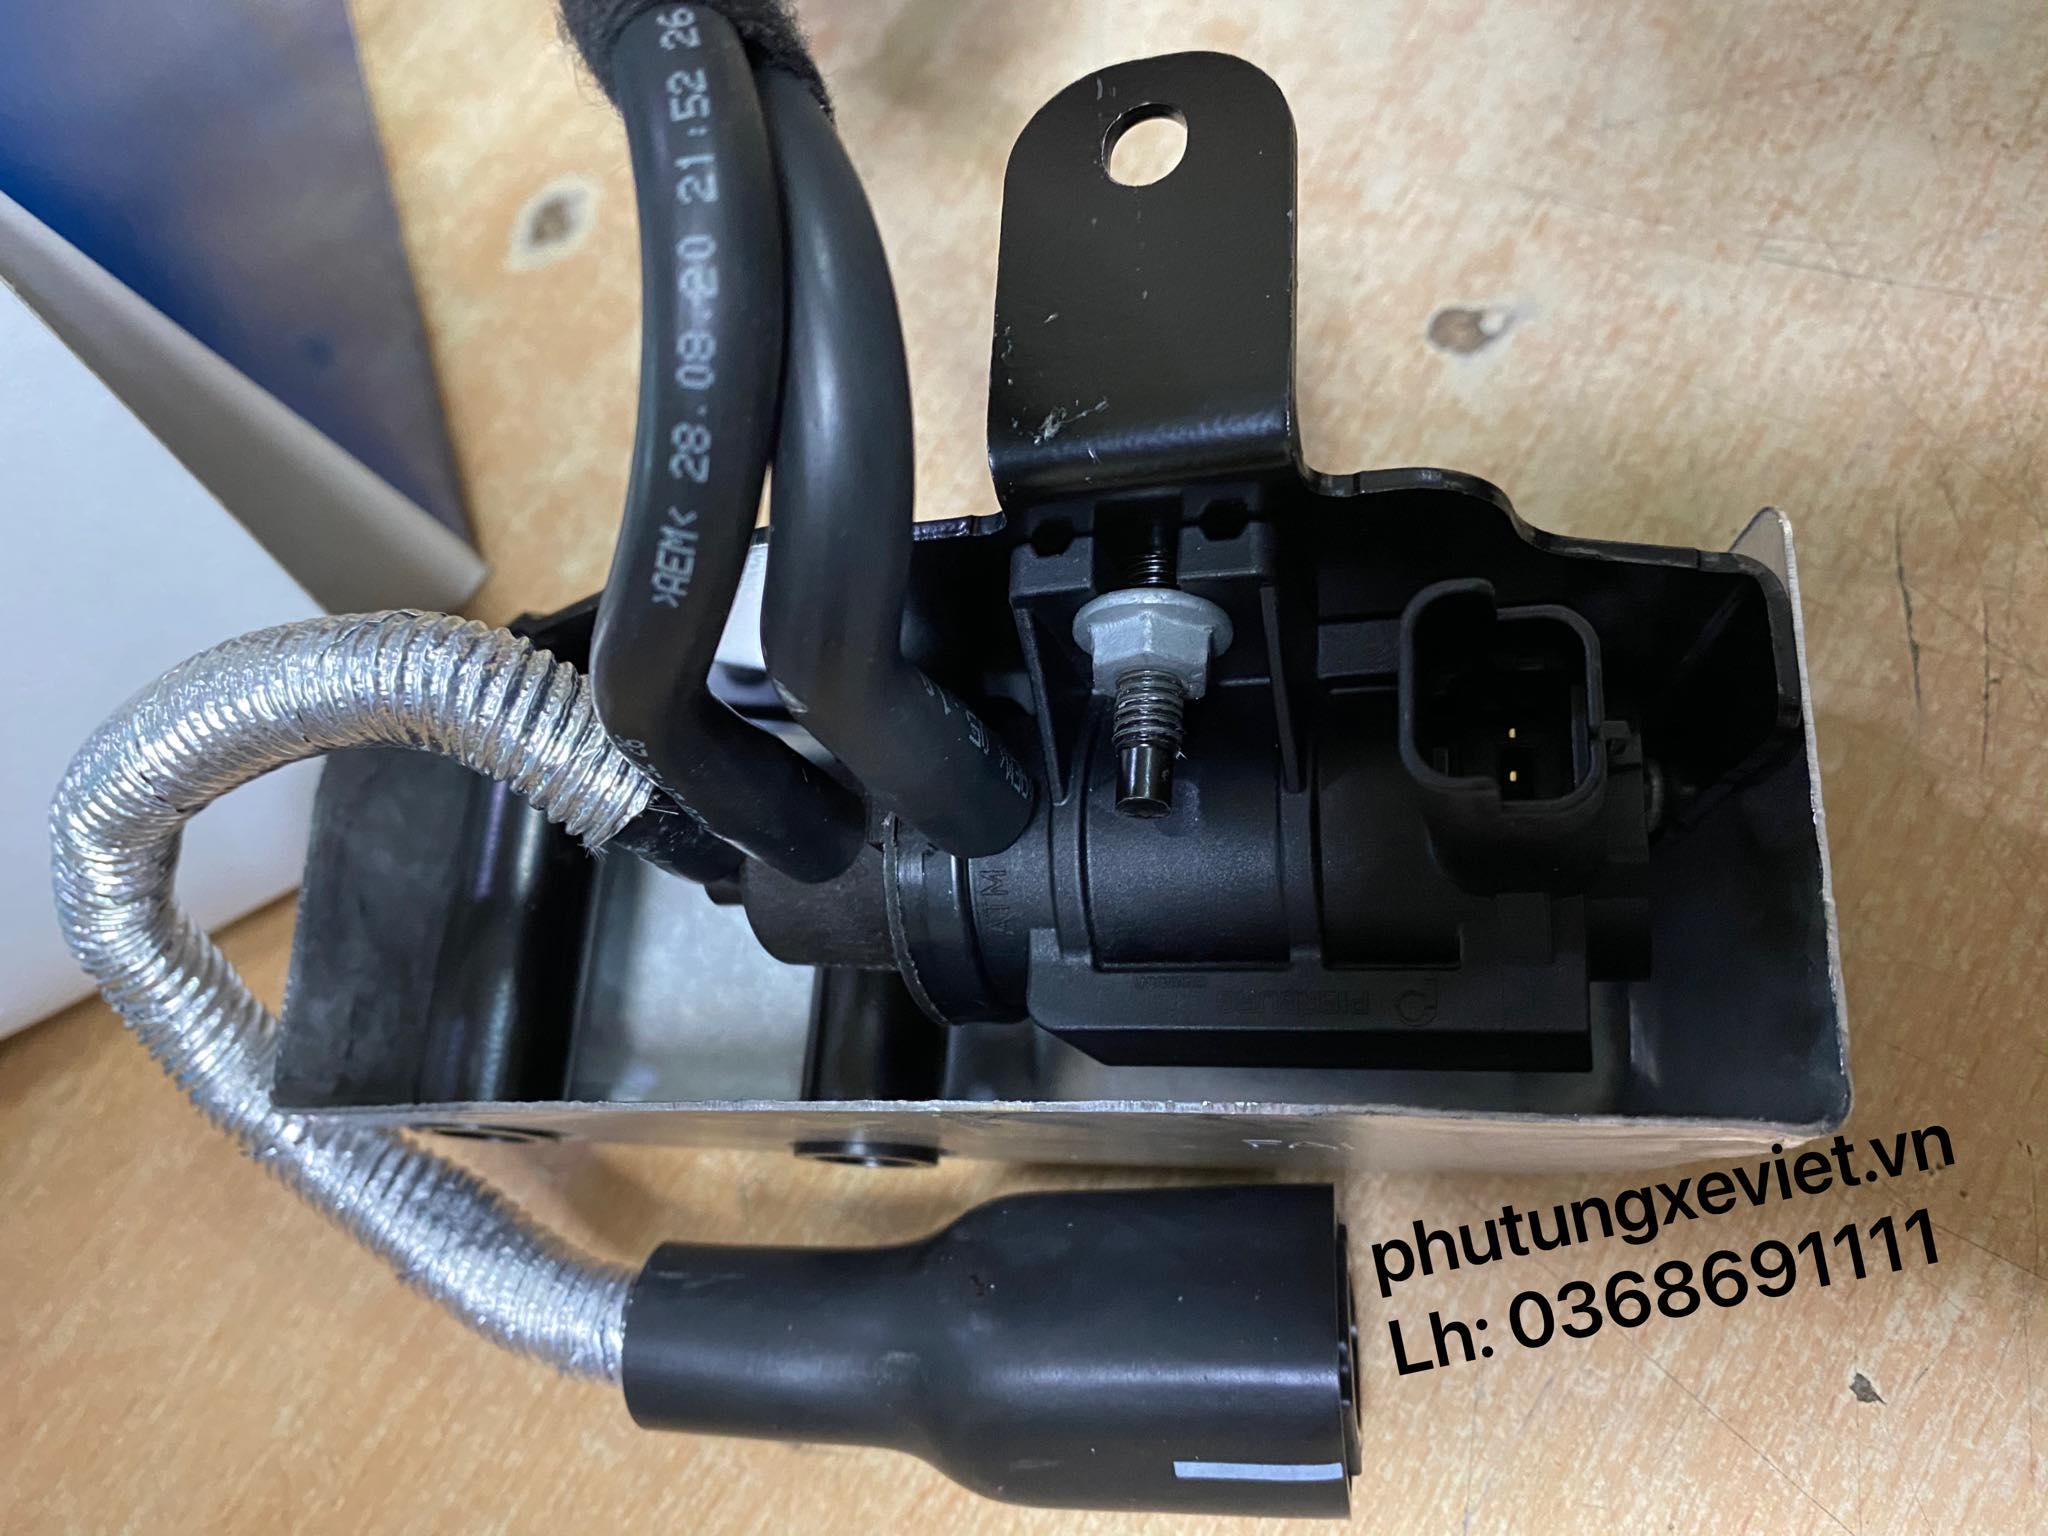 Van chân không Ford Ranger 2.2 / BB3Q-9S468-FC / FB3Q-9S468-AB3